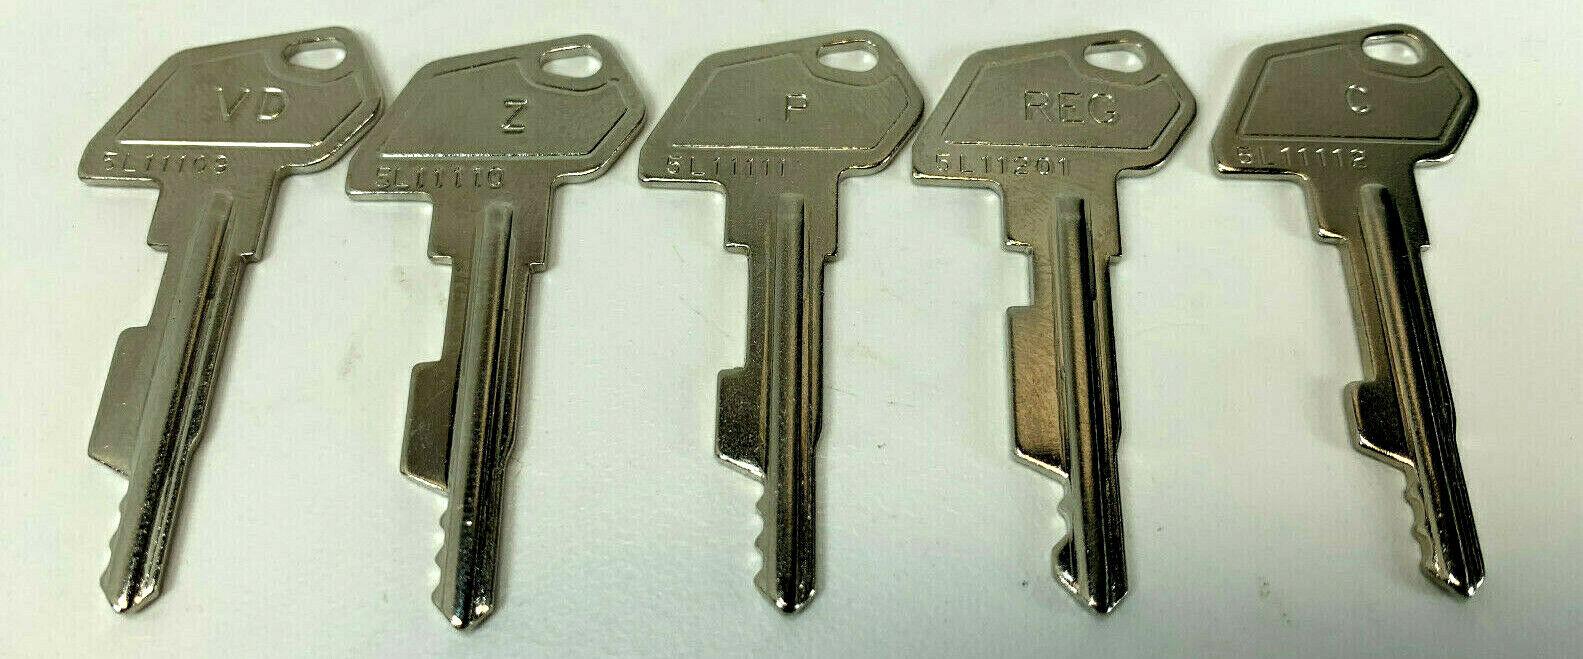 SAM4s and Samsung Cash Register Key Set - Register, Void, Z,